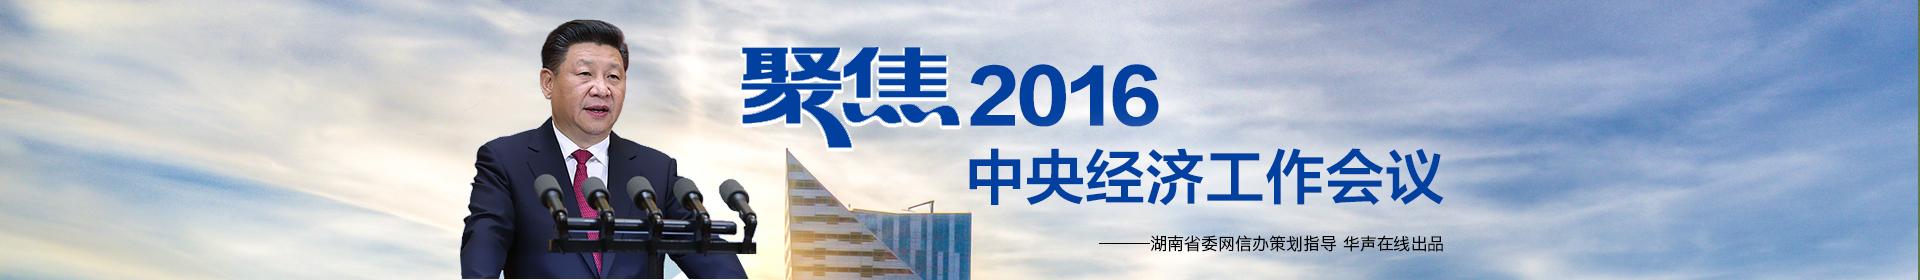 聚焦2016年中央经济工作会议